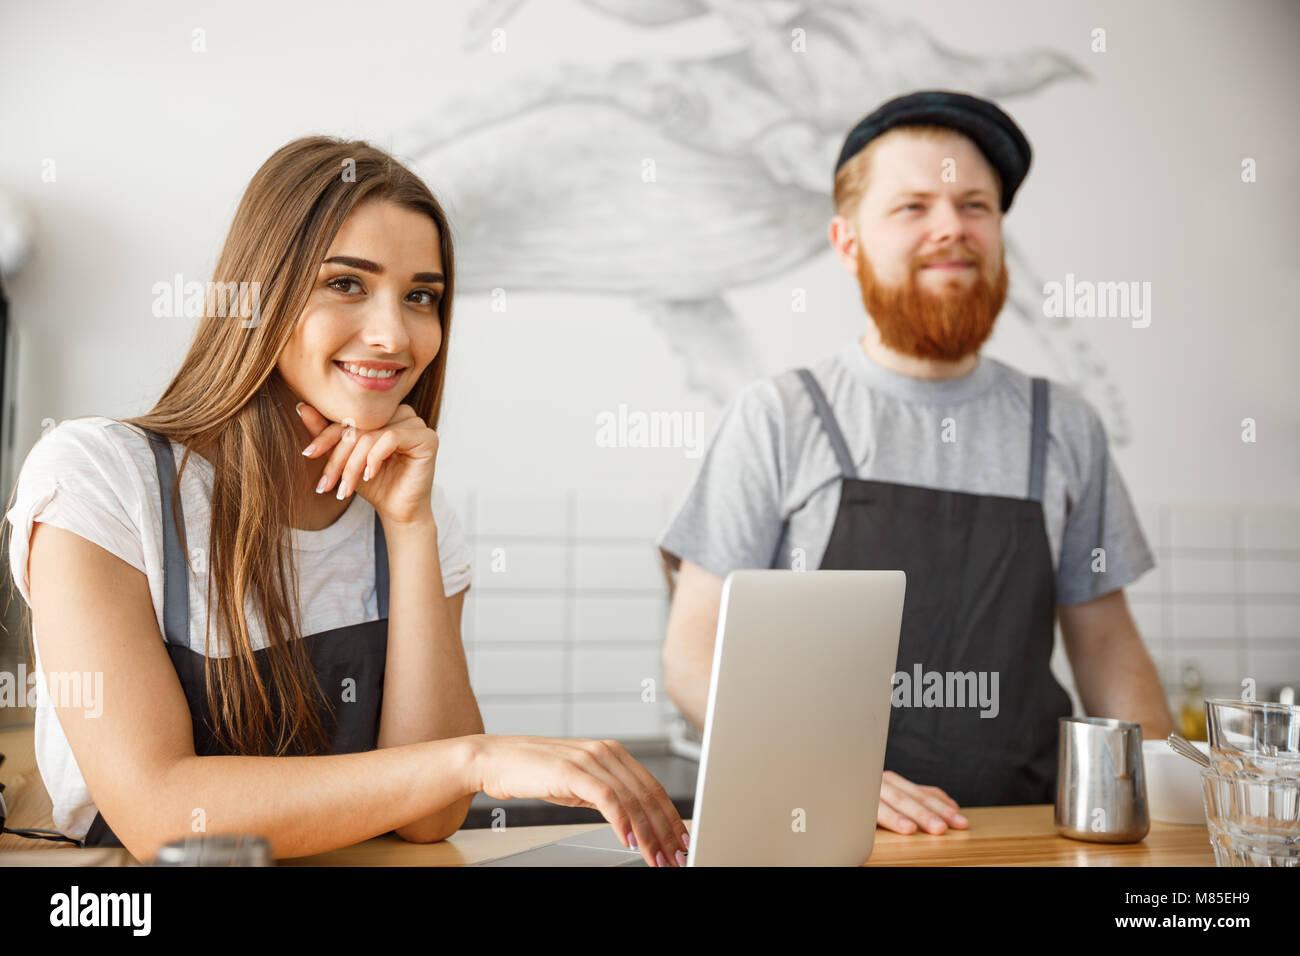 Concept d'entreprise Café - Portrait des petites entreprises partenaires travaillant ensemble à leur Photo Stock